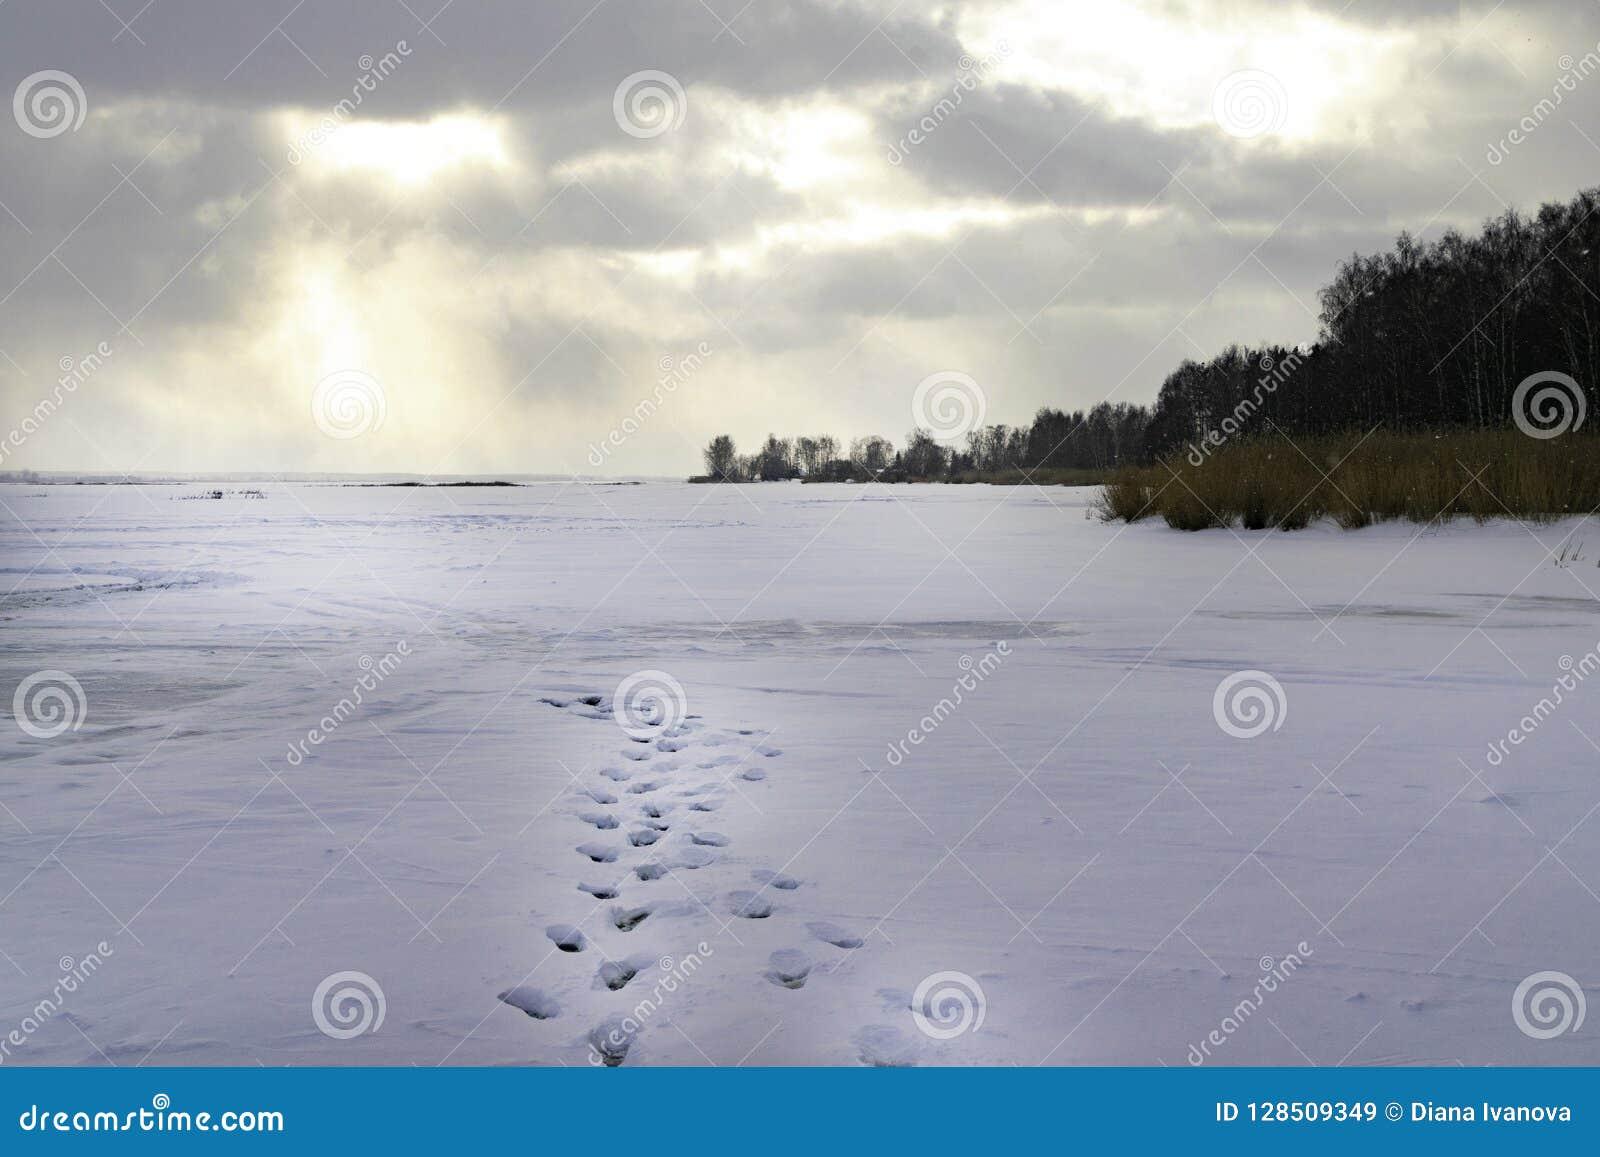 Ijzig de winterlandschap met bevroren rivier Schemering Koude ochtend Sneeuw Behandelde Bomen Zonsopgang Voetafdruk Rivier